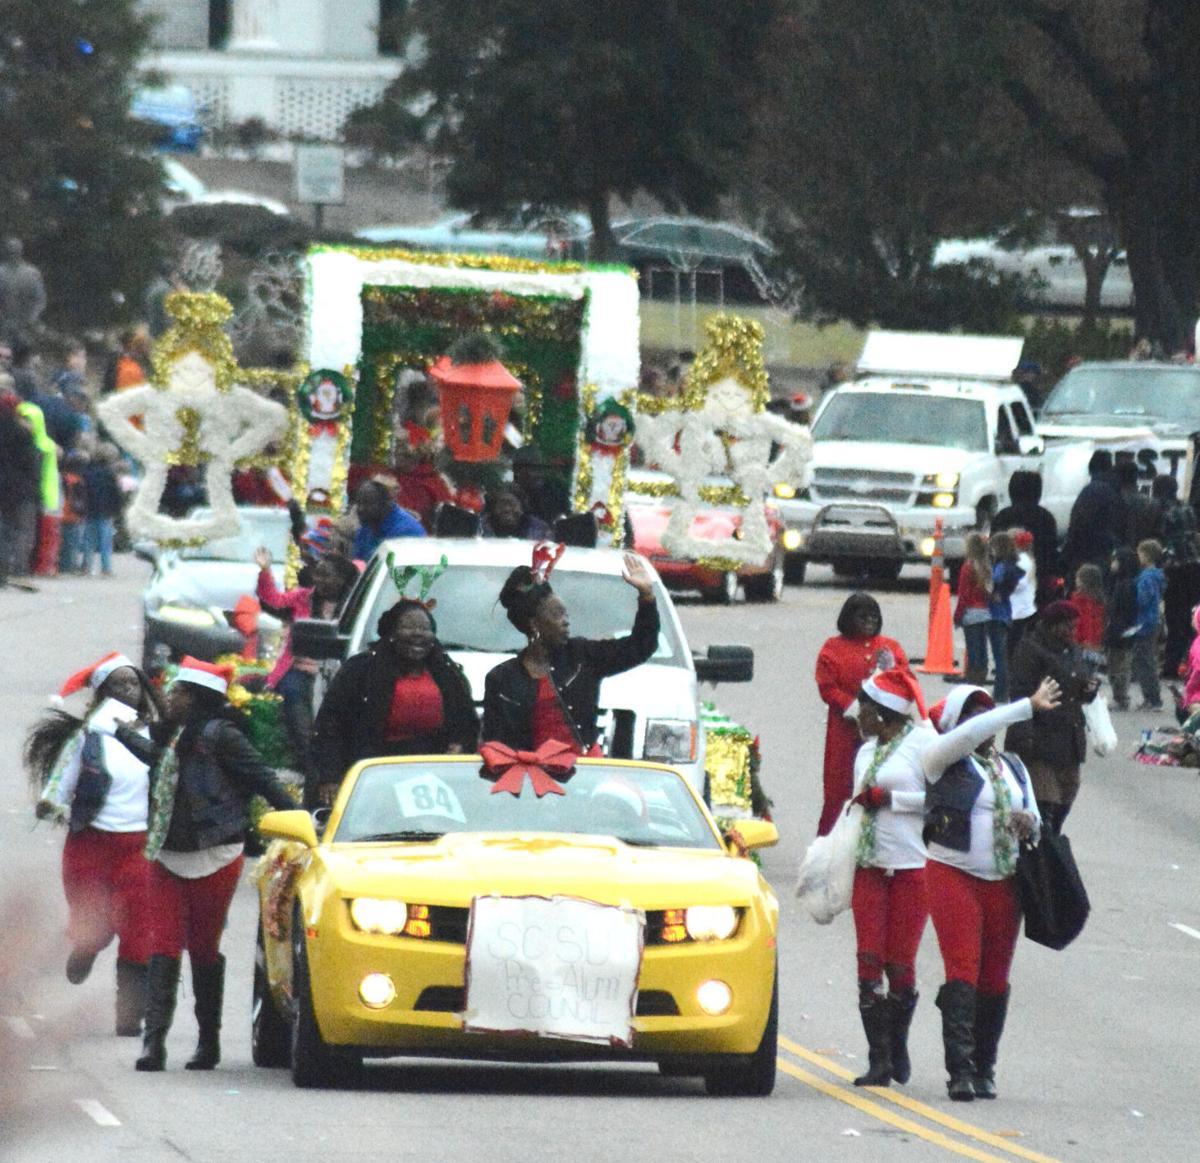 Augusta Christmas Parade 2021 North Augusta Christmas Parade Registration Open Through Dec 1 Community News Postandcourier Com